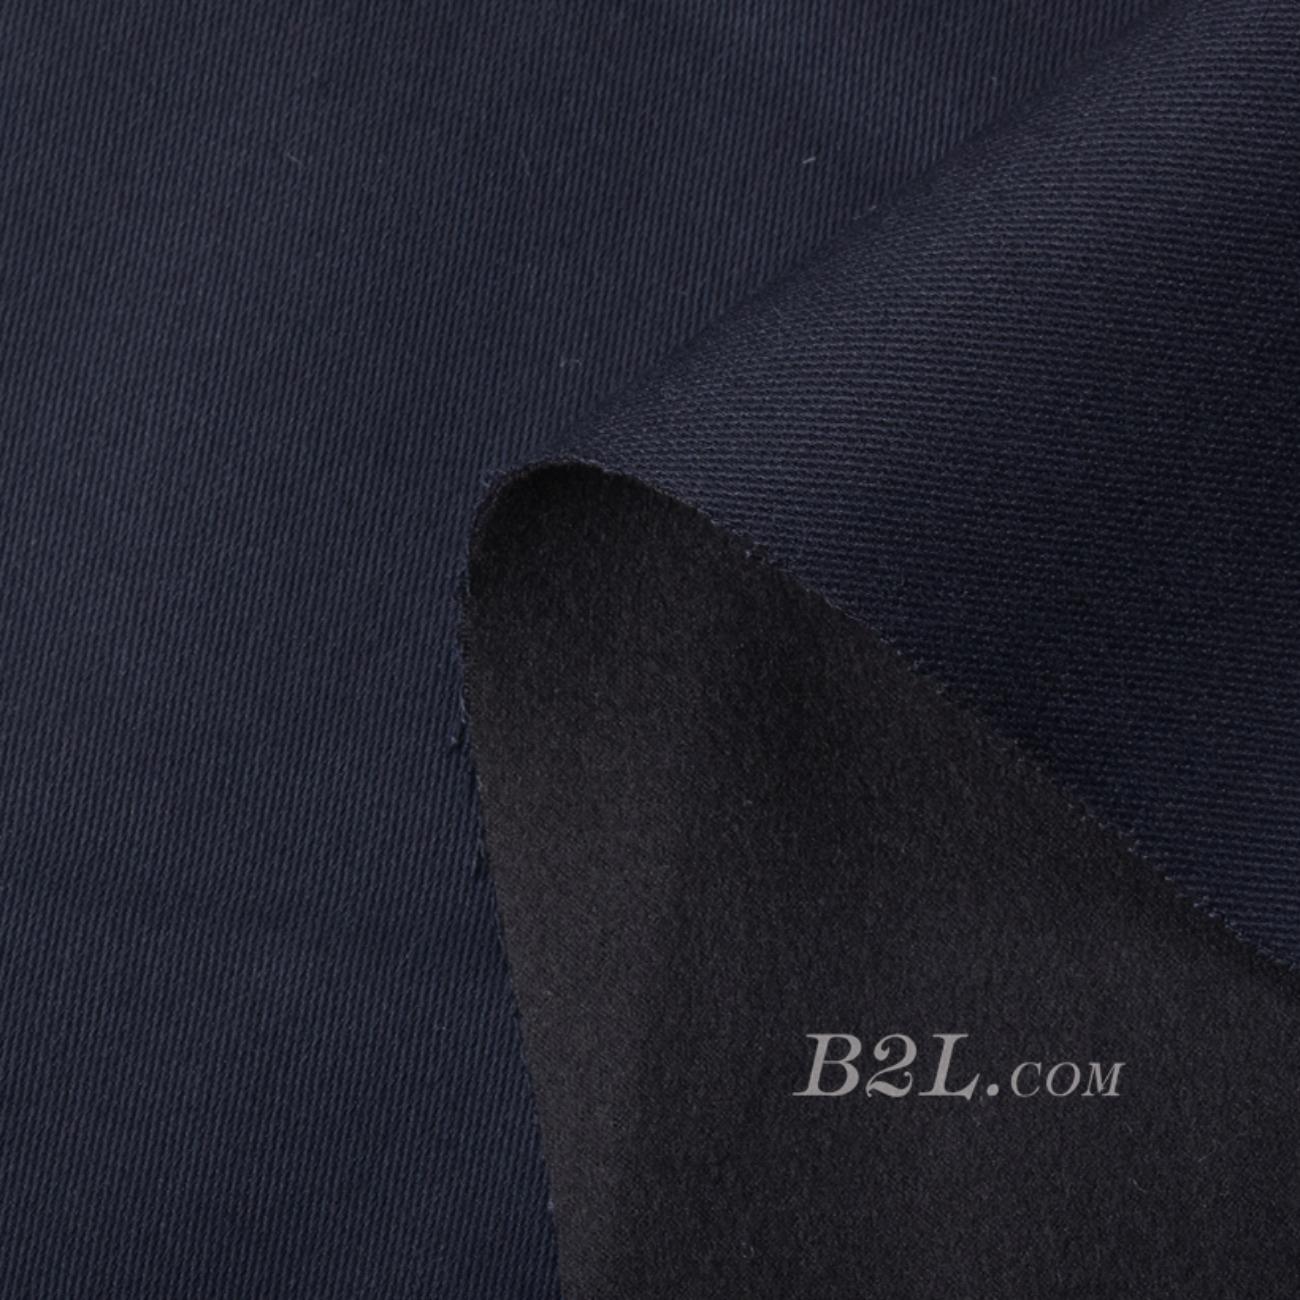 素色 梭织 染色 斜纹 春秋 裤装 外套 卫衣 女装 91014-1-1